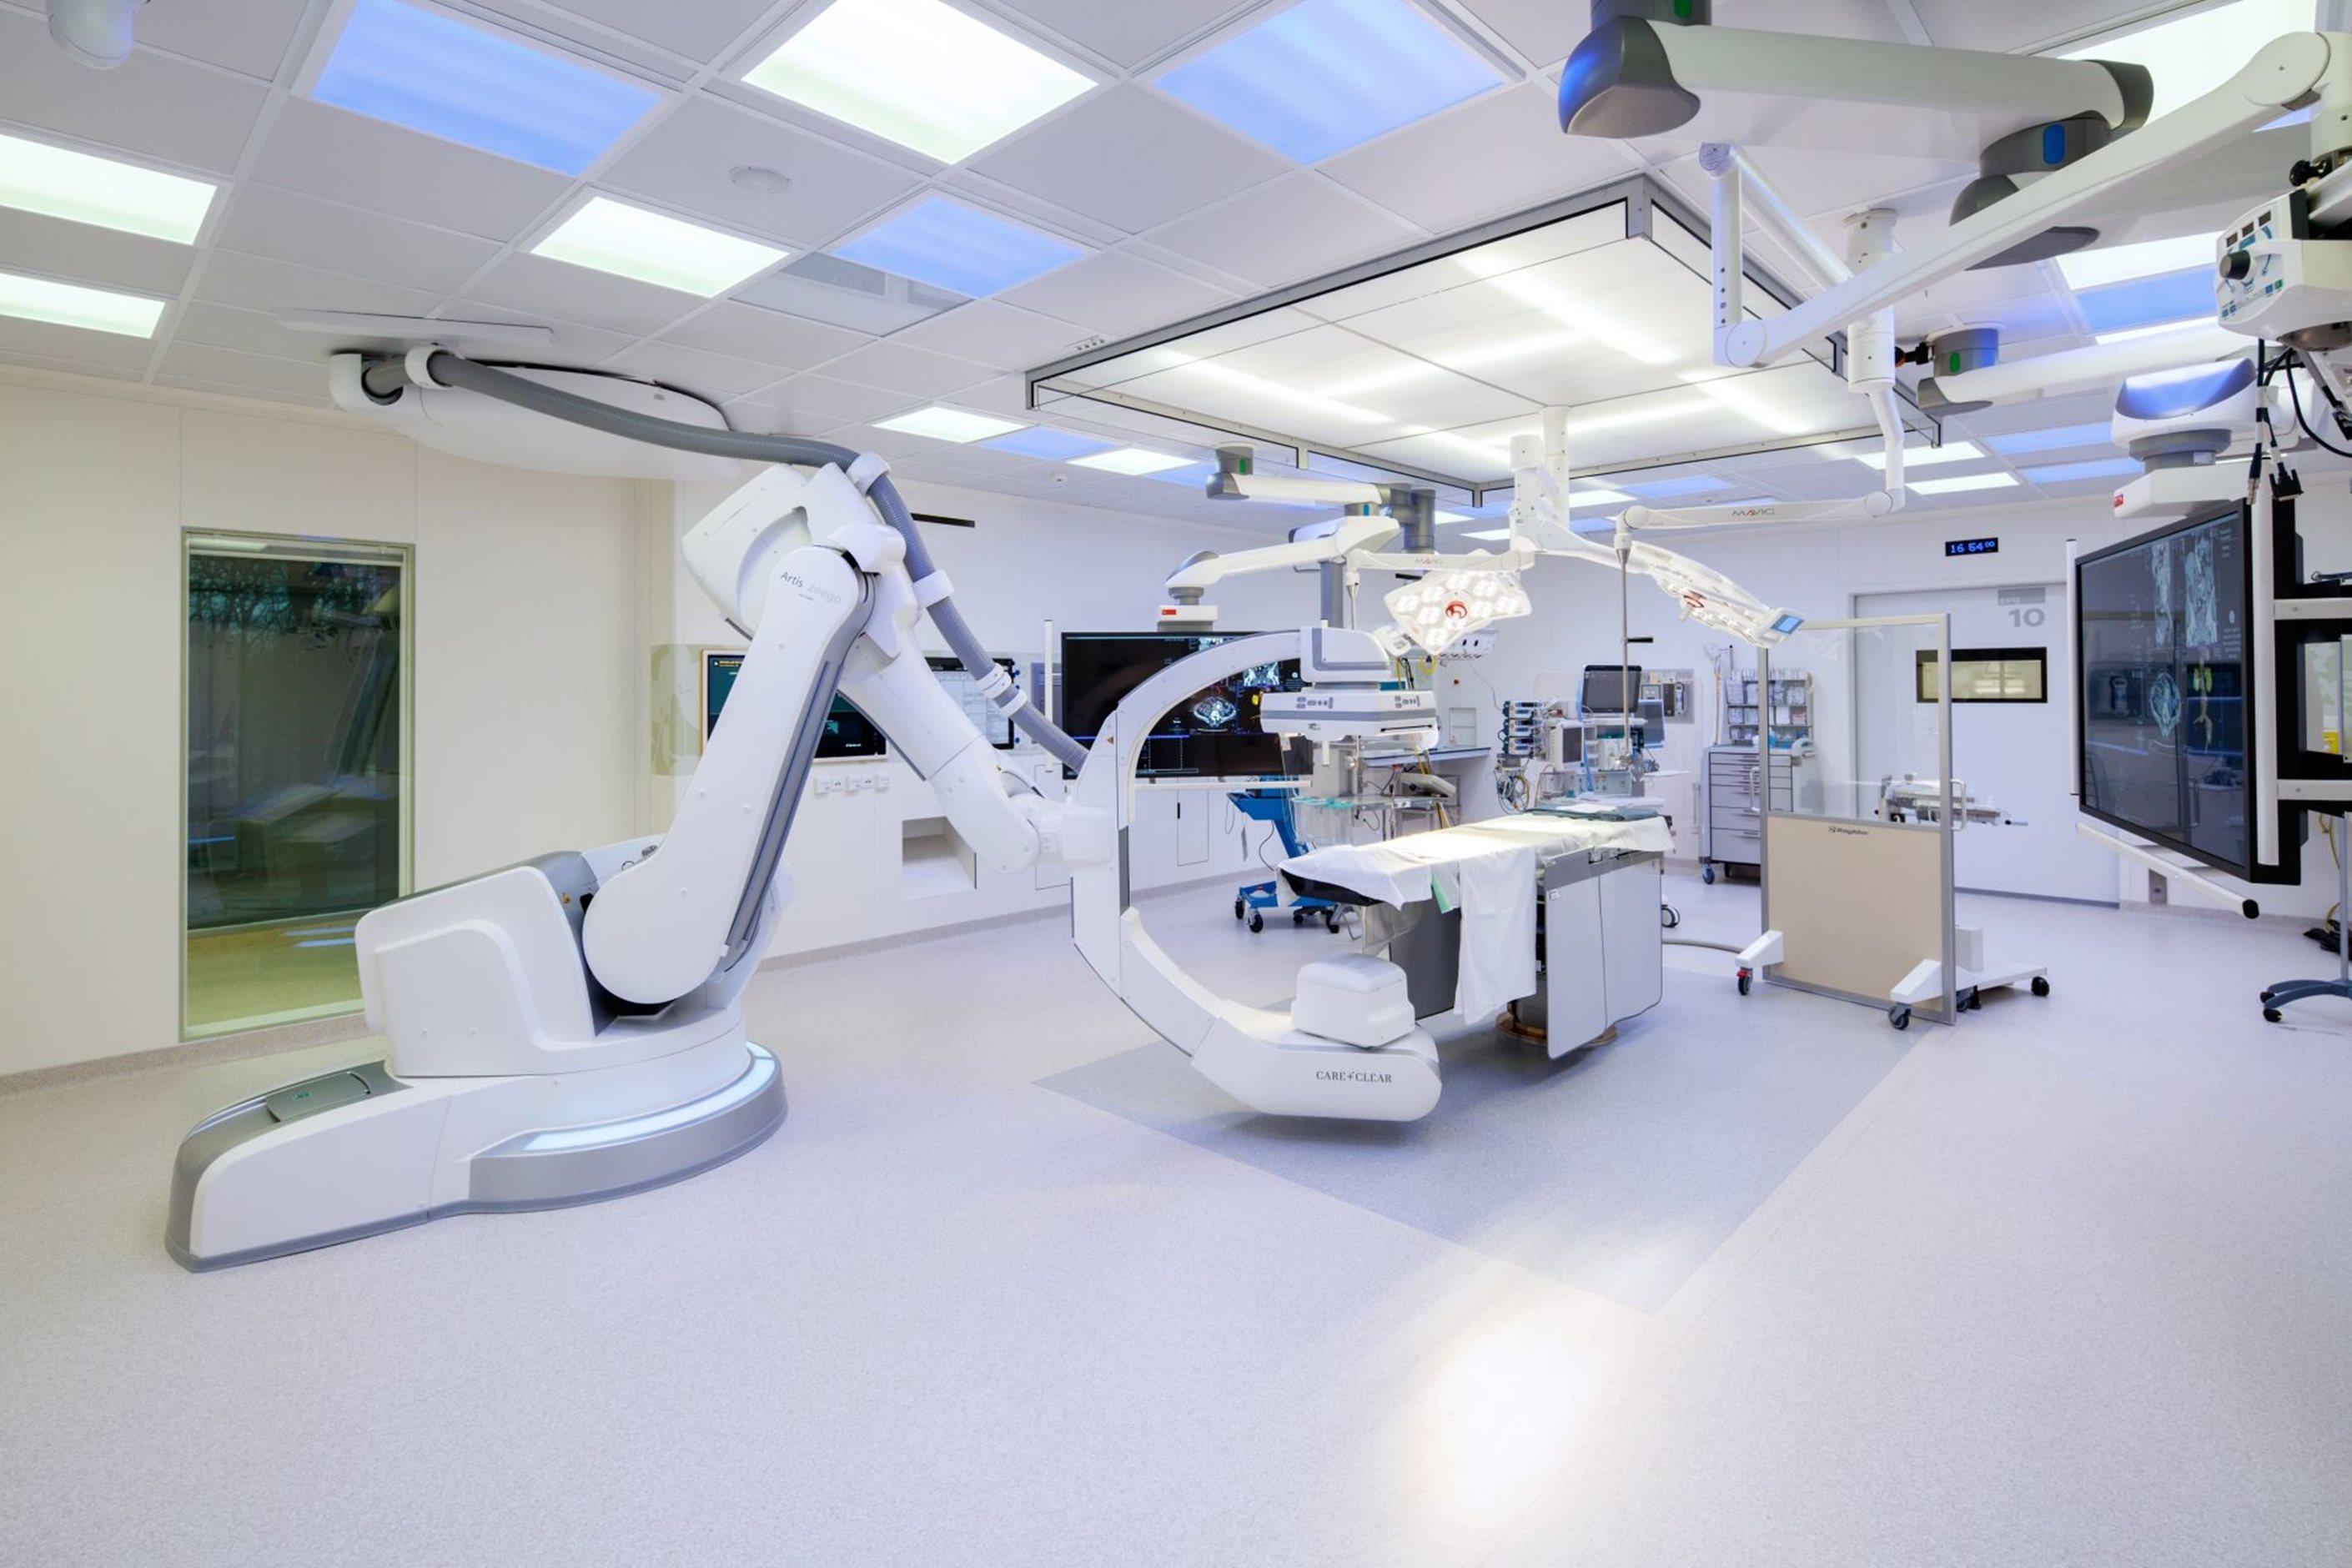 Siemens Artis Zeego Radboudumc